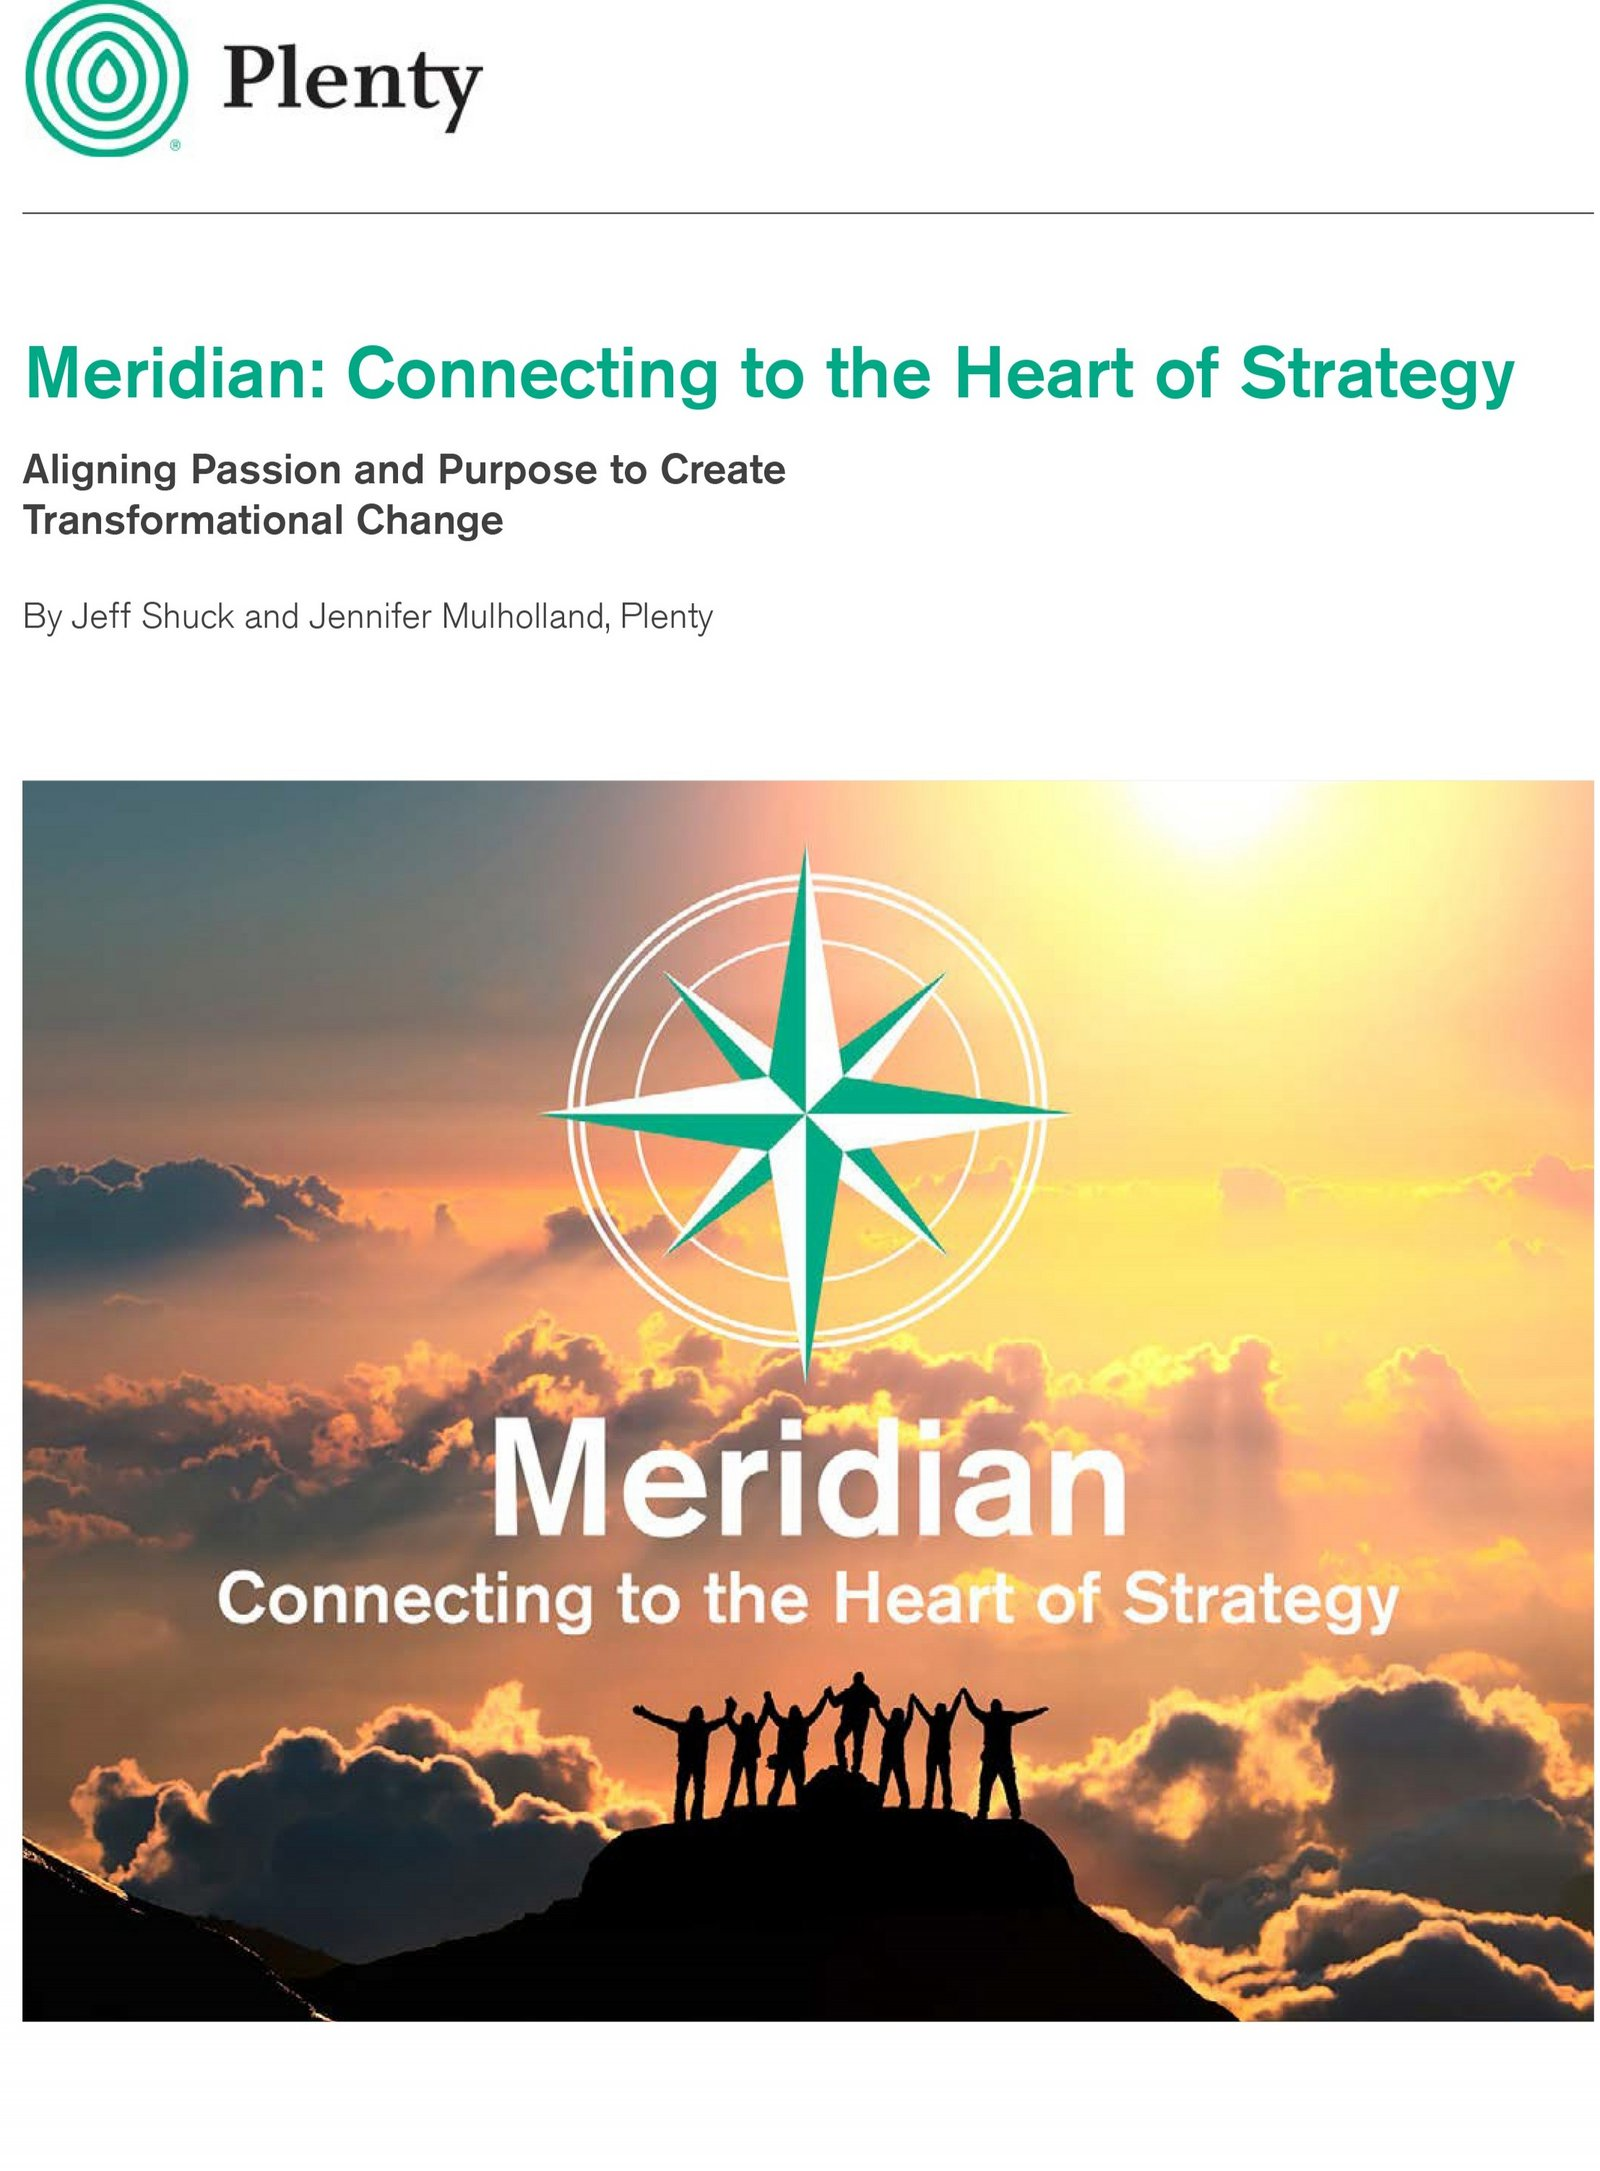 Meridian_eBook_cover-cropped.jpg